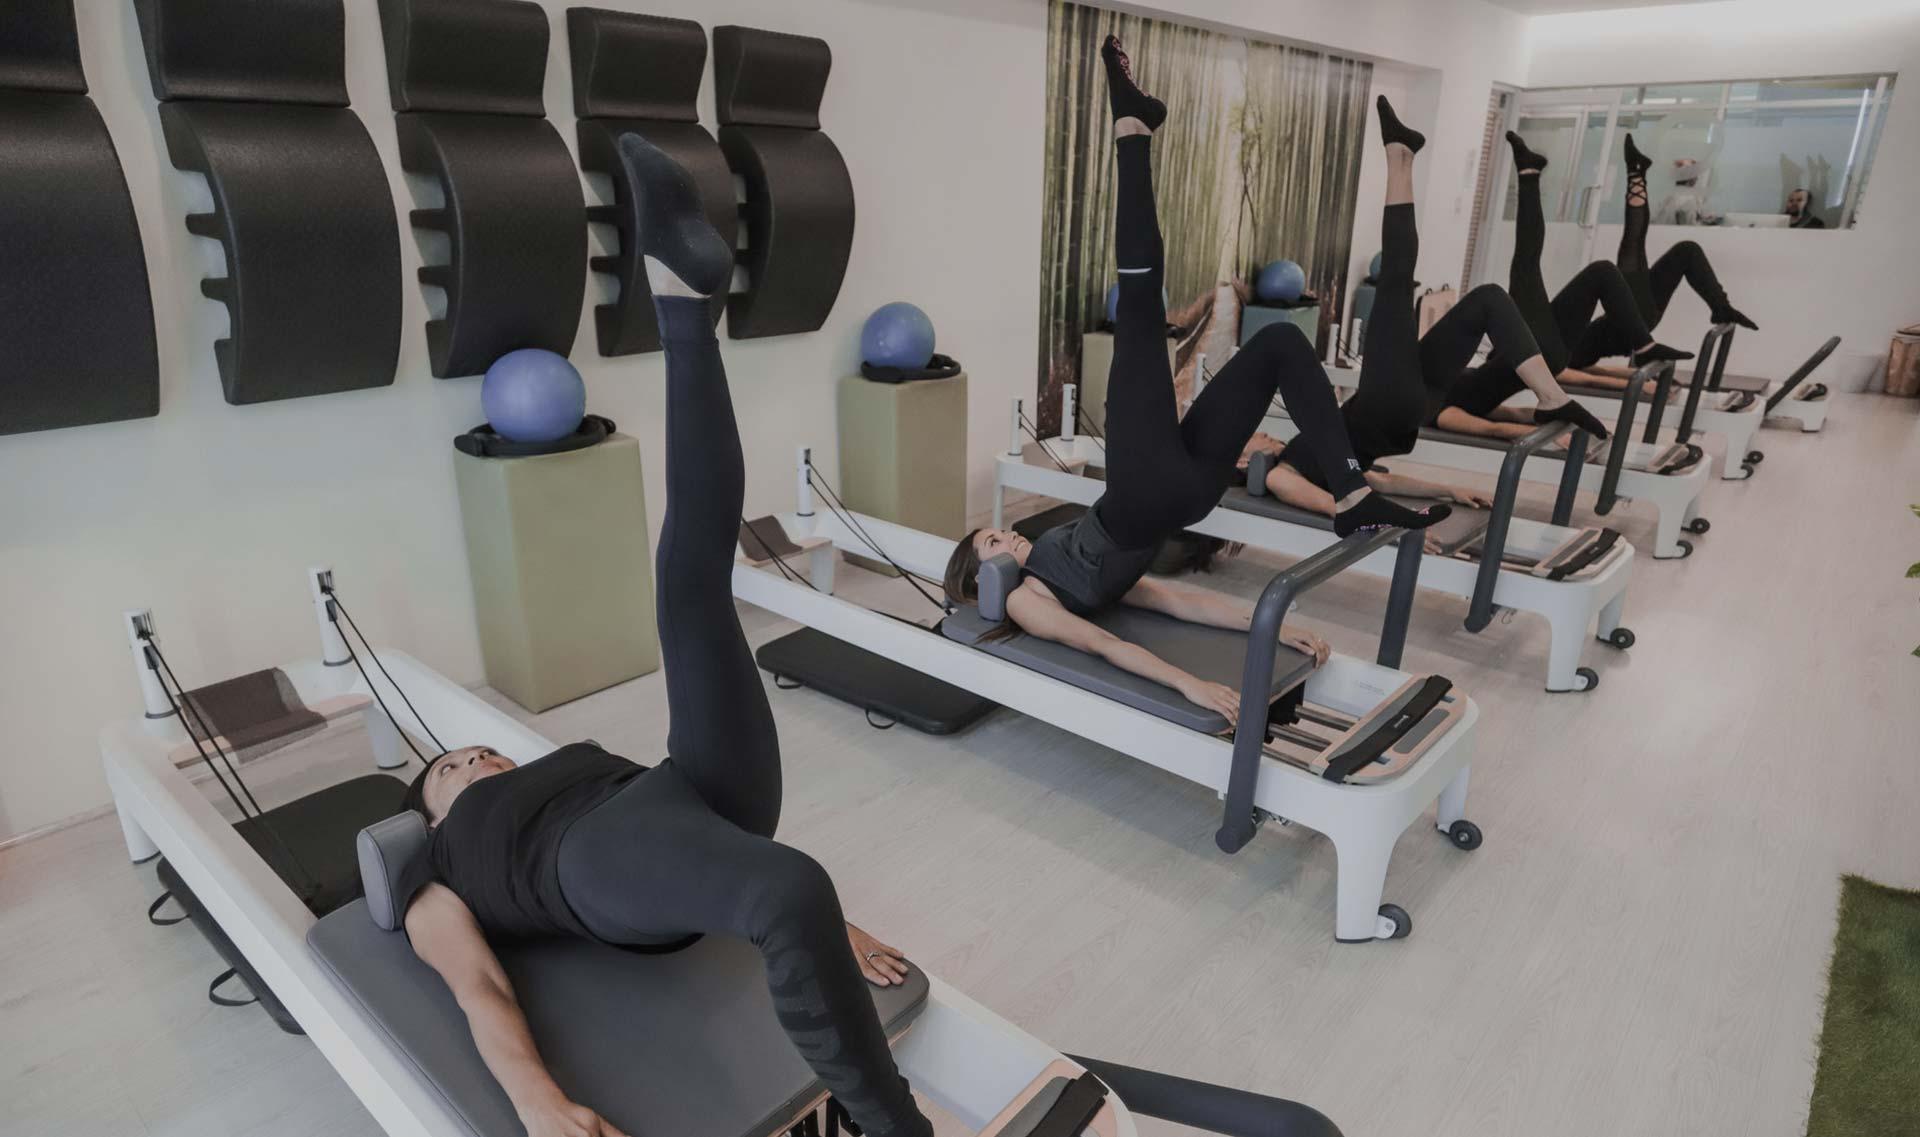 pilates maquinas en clinica del deporte alicante